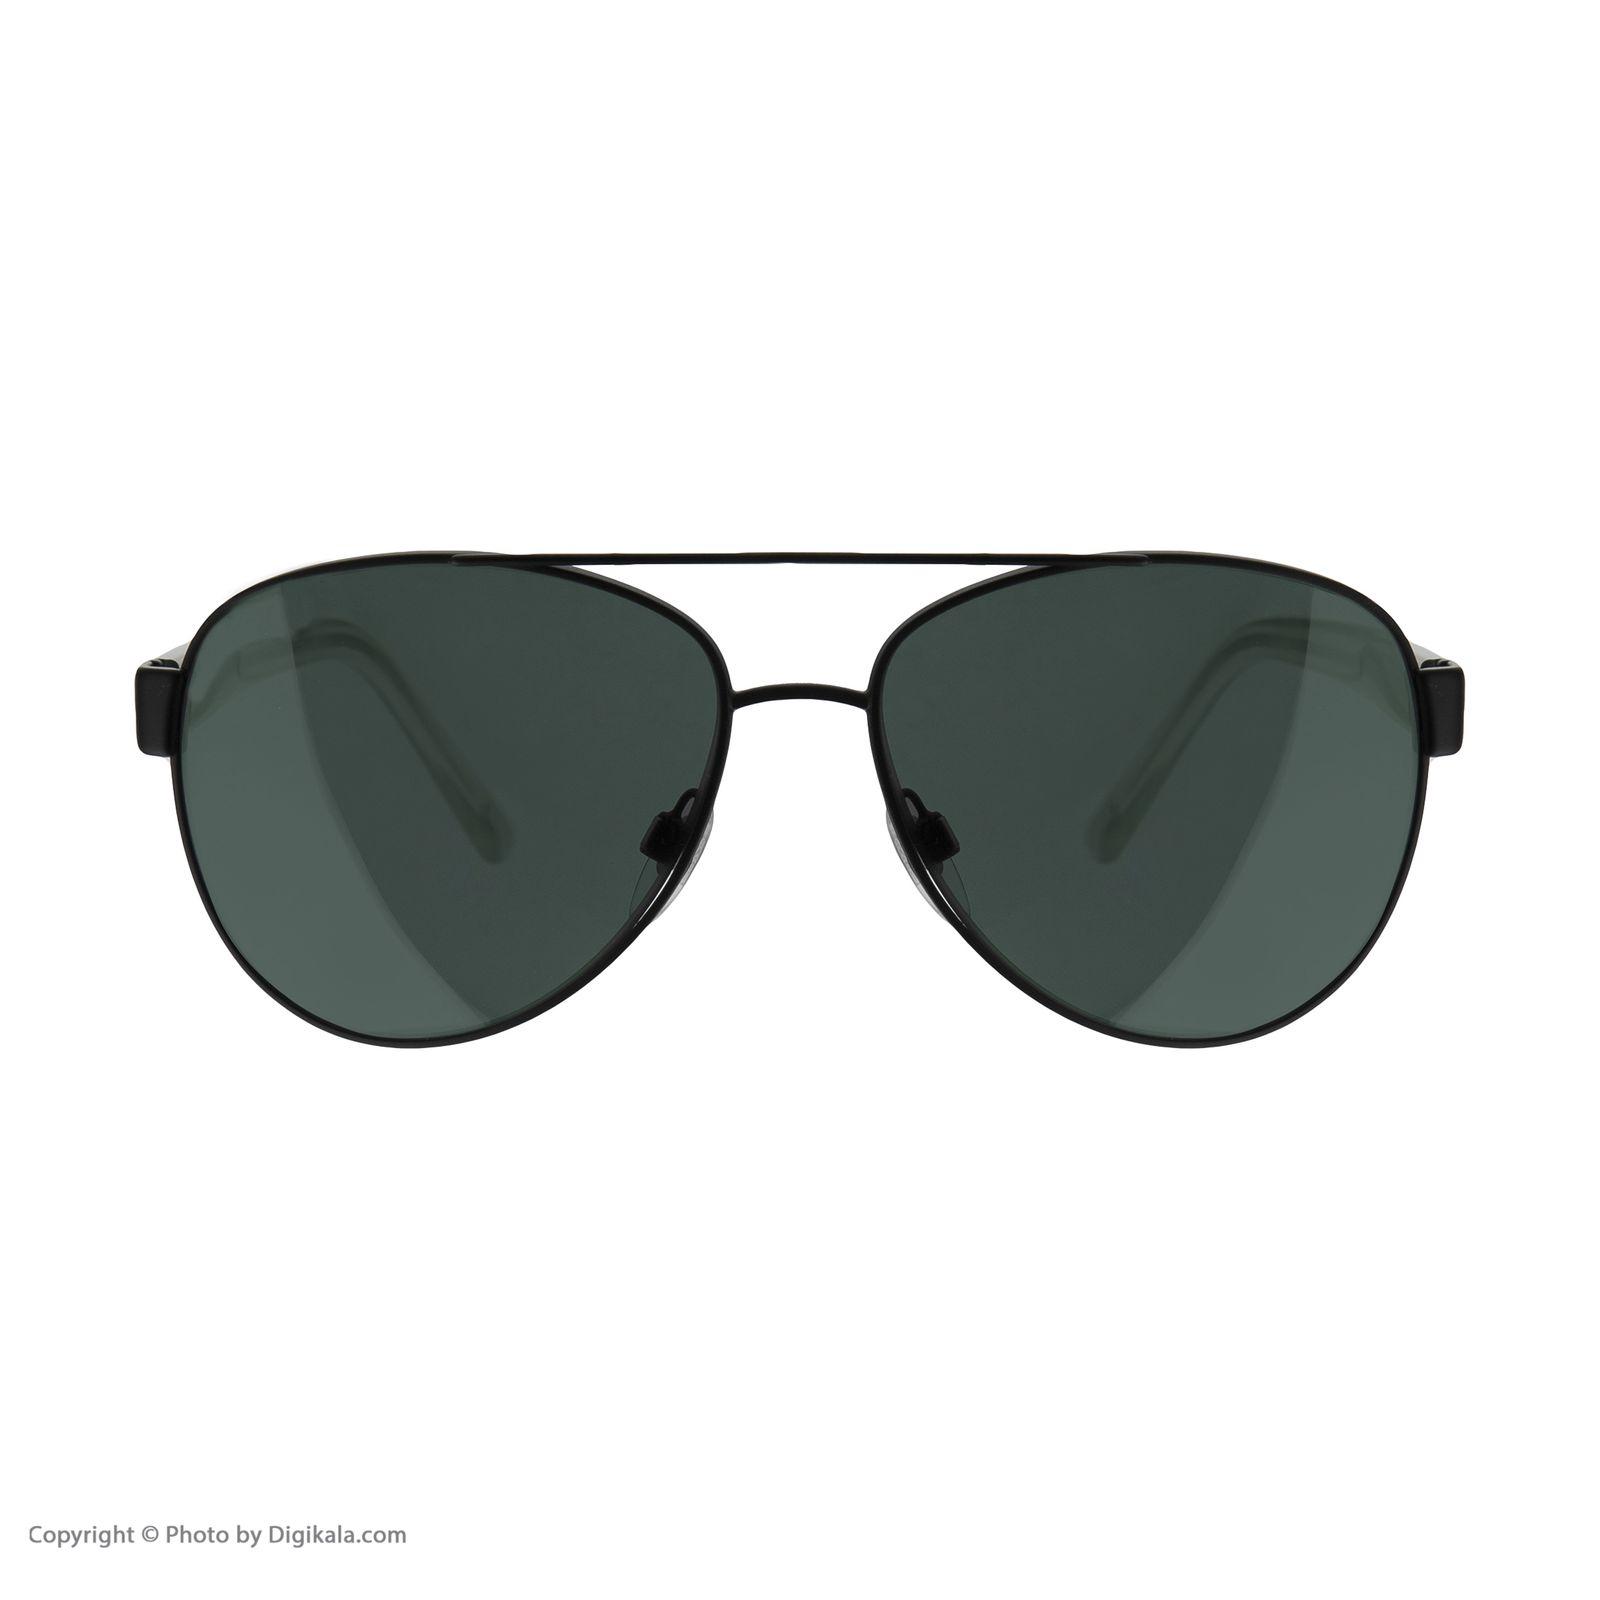 عینک آفتابی زنانه بربری مدل BE 3080S 123371 59 -  - 3